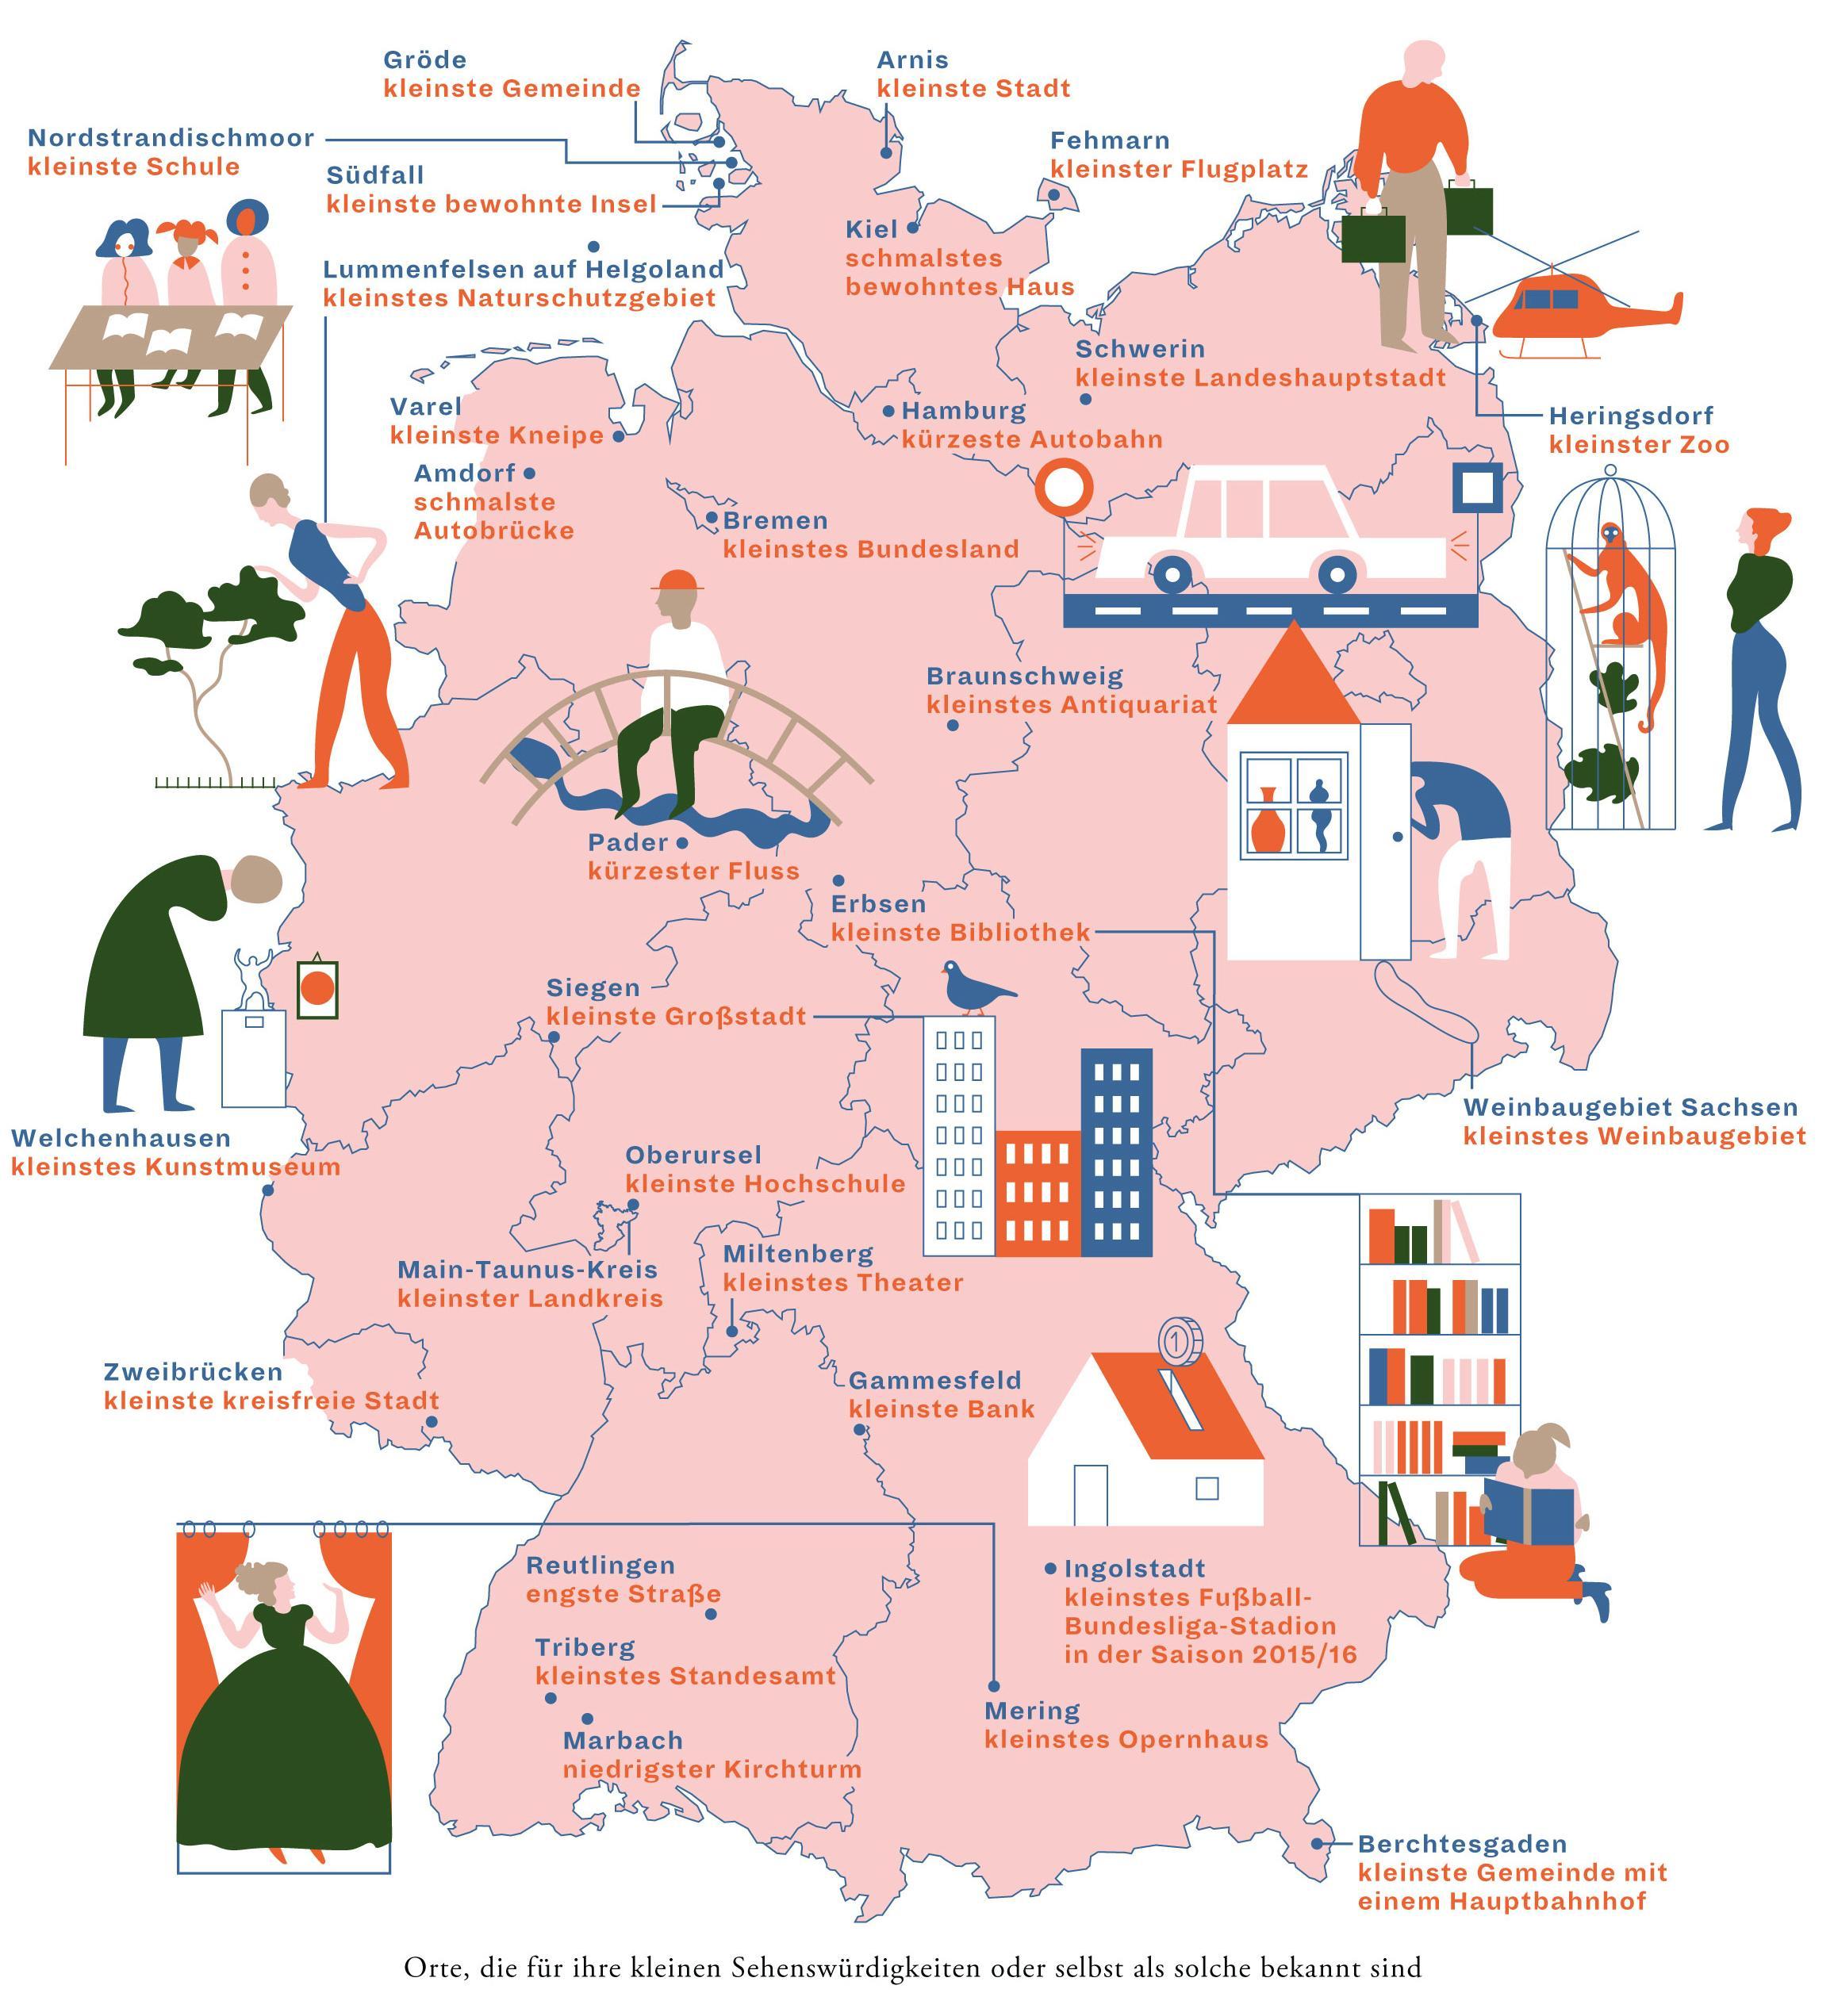 Deutschlandkarte: Die kleinsten Dinge